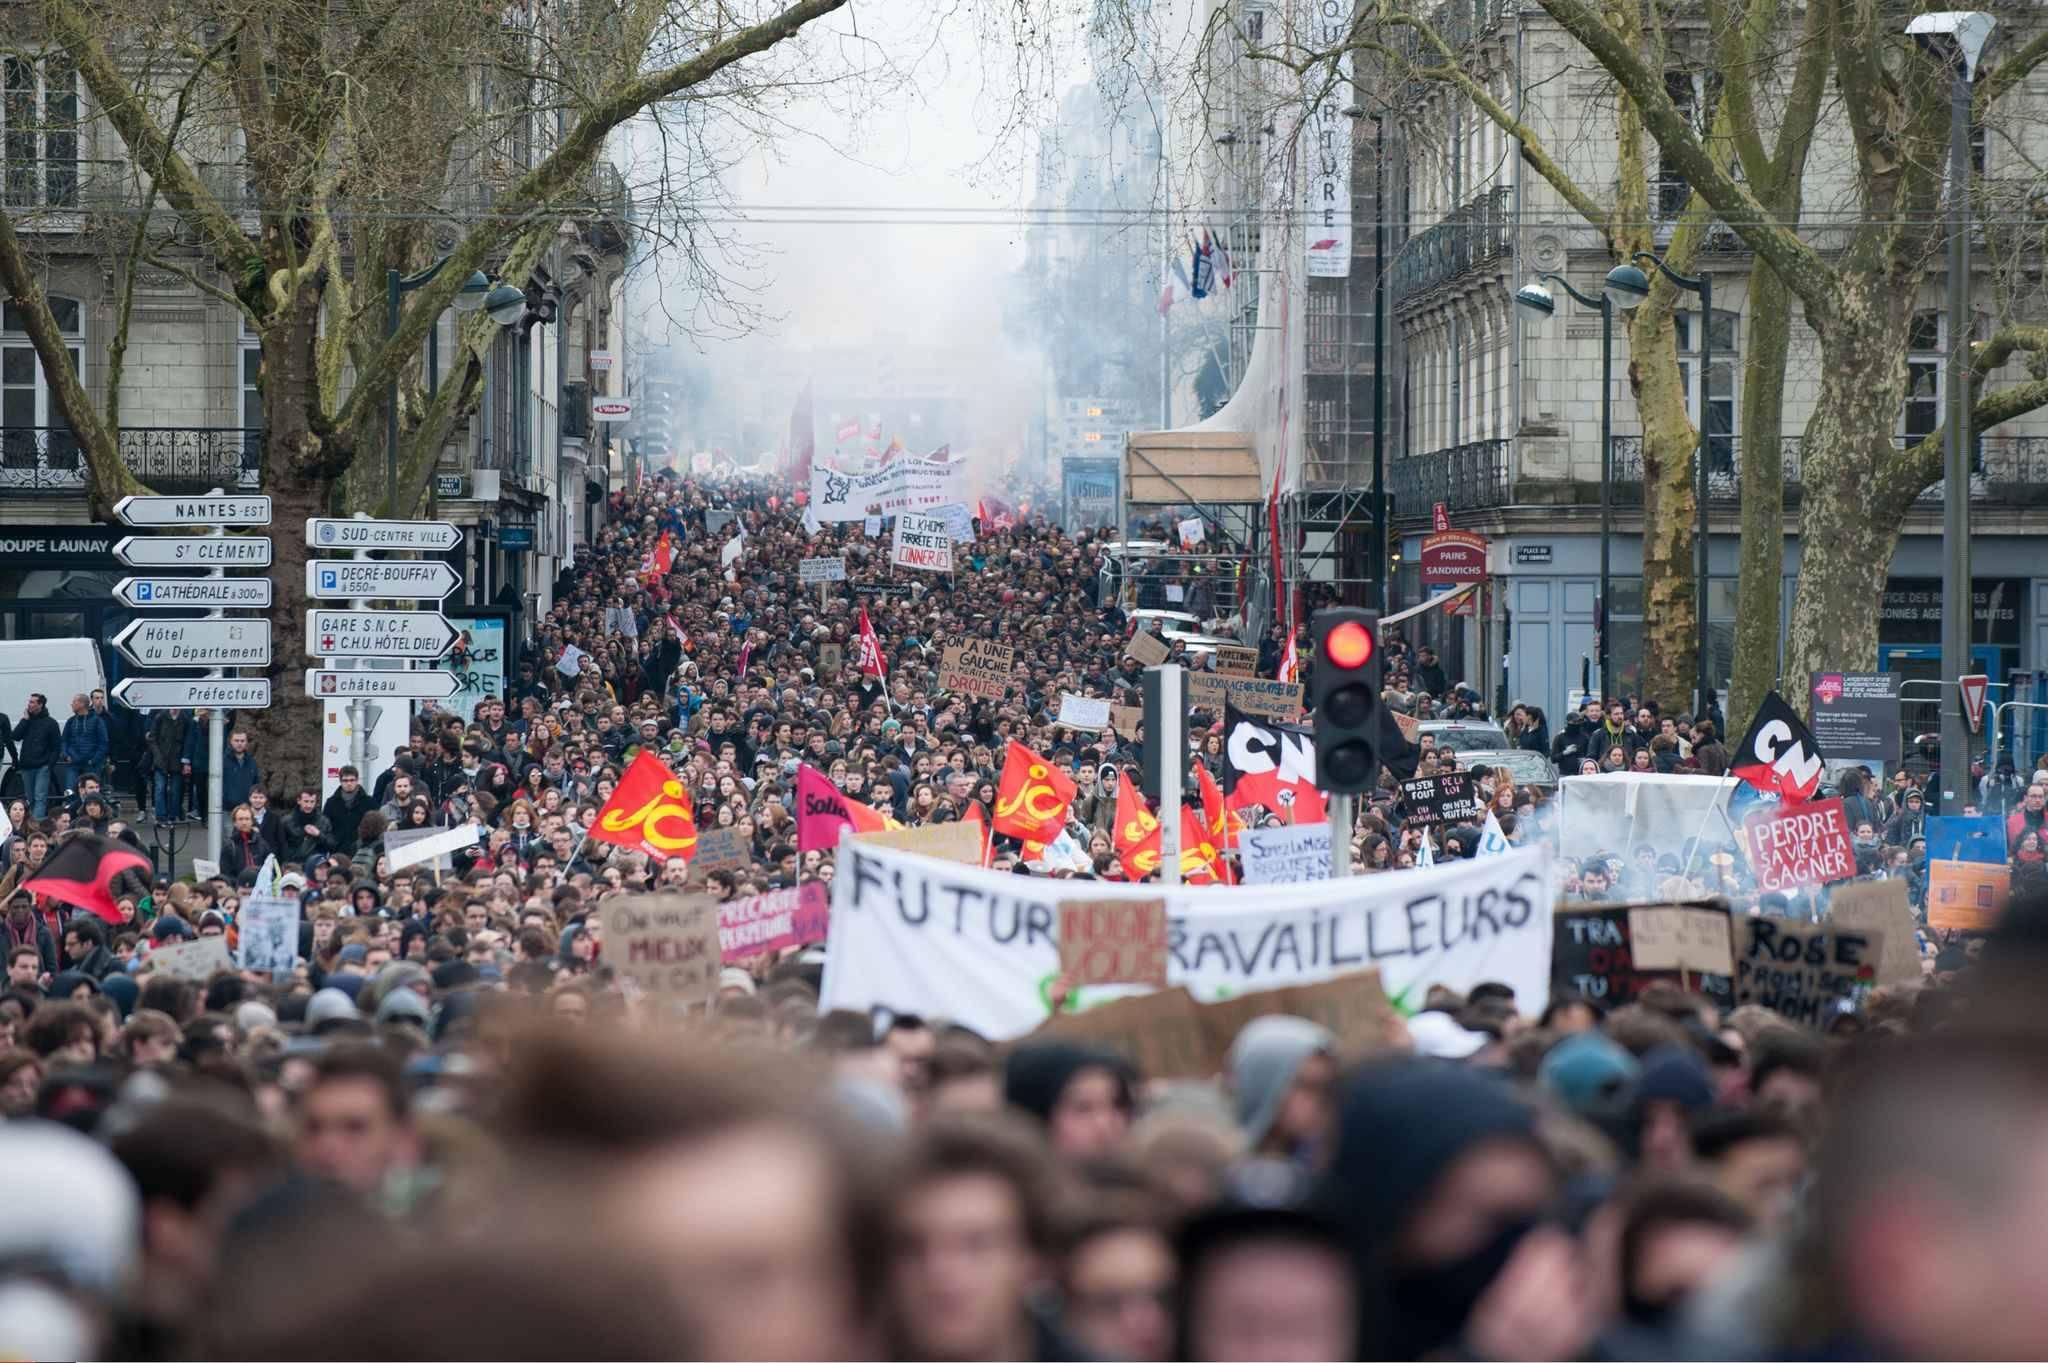 La Criée 2048x1536-fit_manifestation-contre-la-loi-travail-a-nantes-le-31-mars-salom-gomis_1820-0217-credit-sebastien-salom